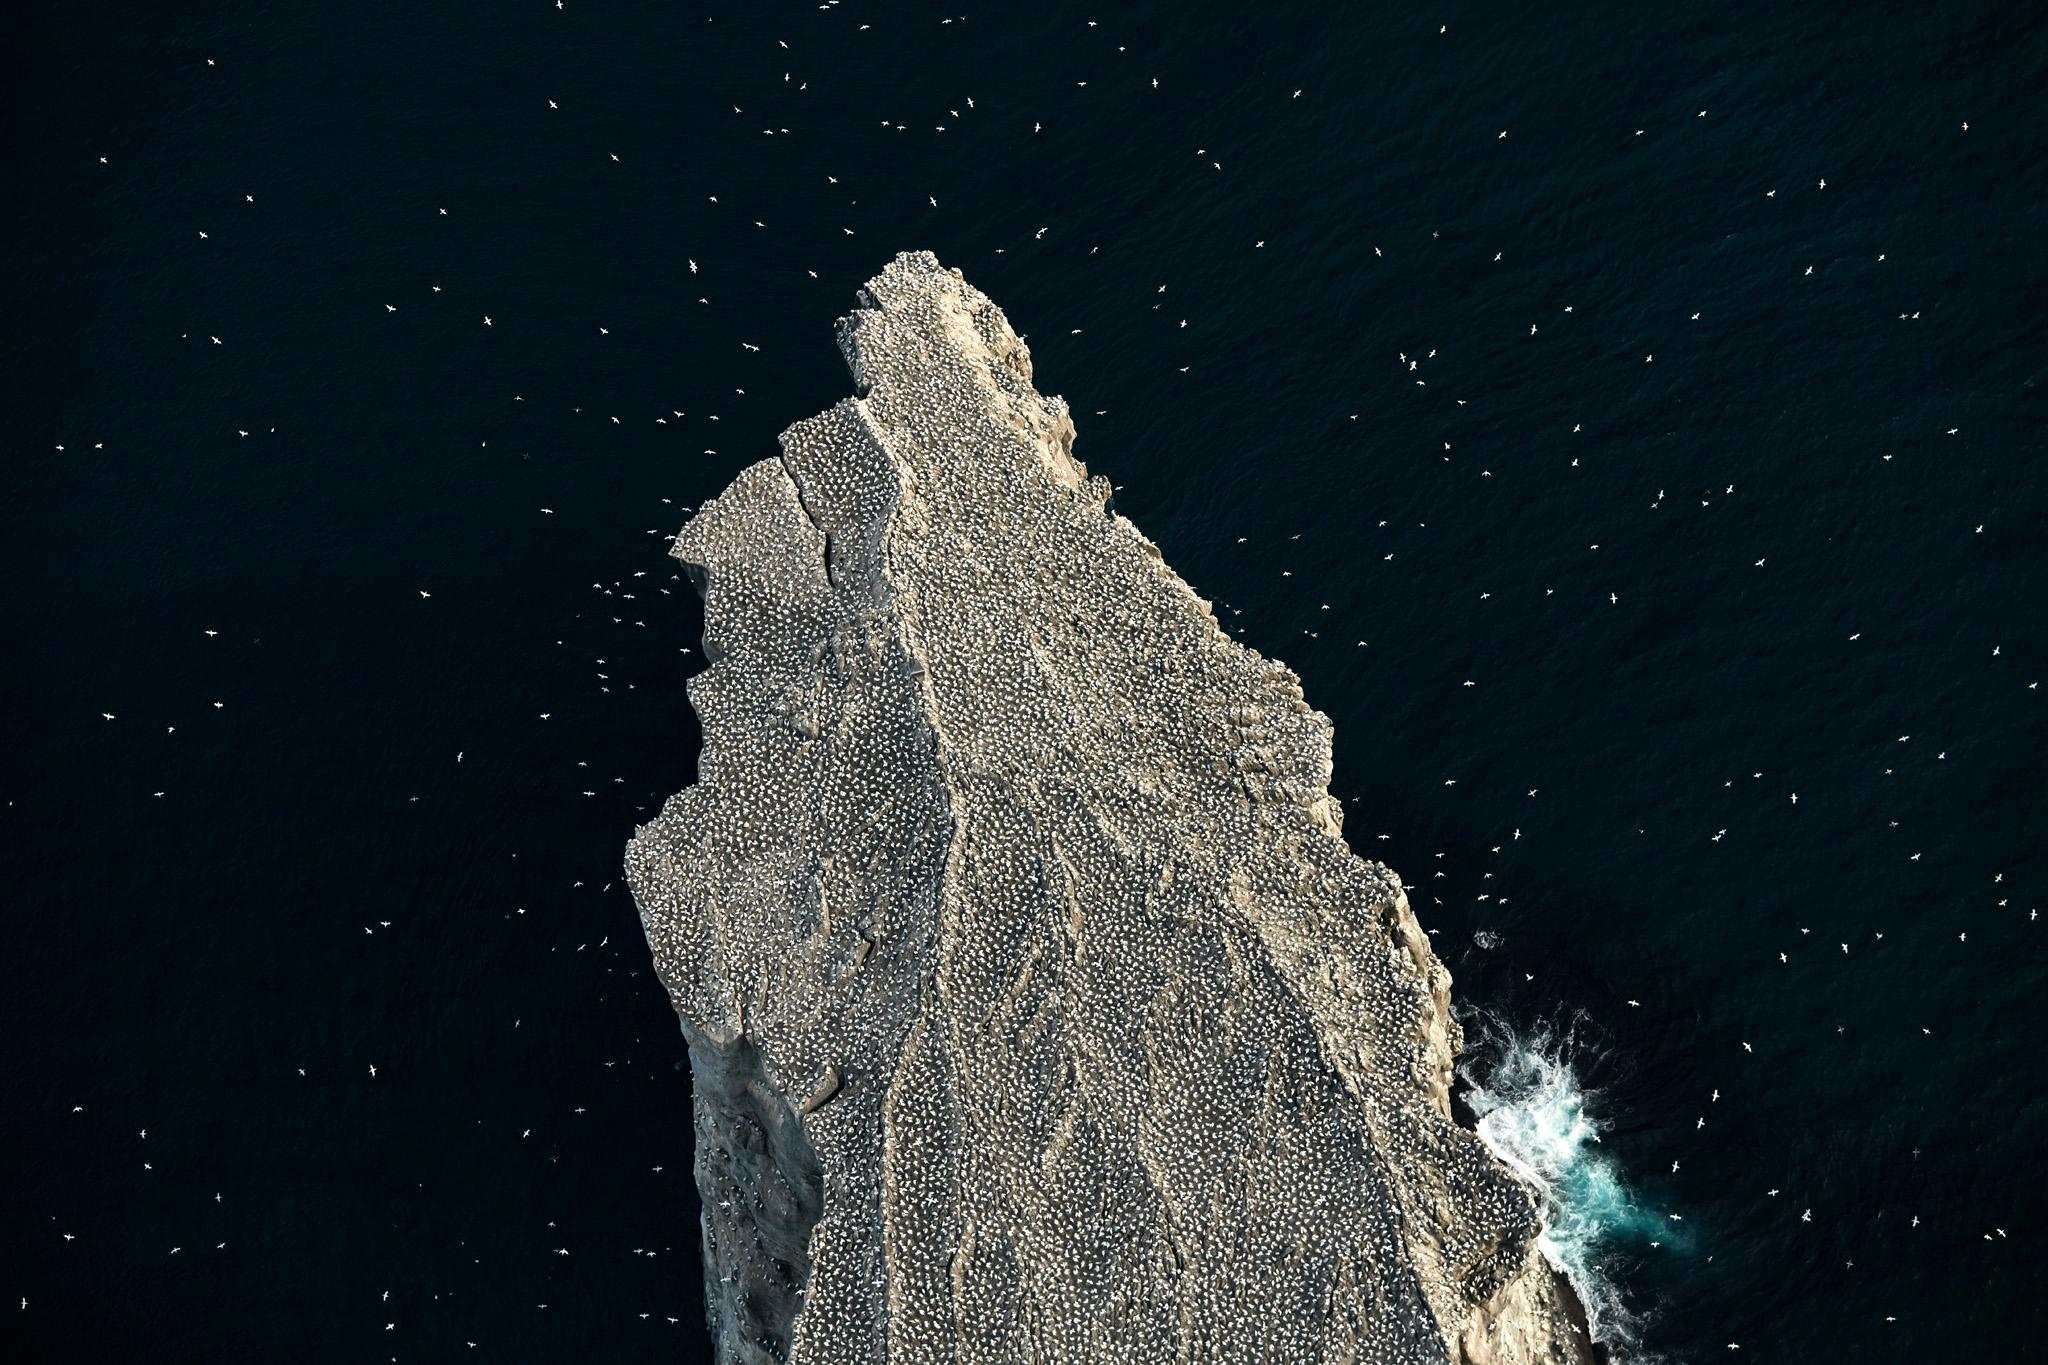 AxelSig_aerial027.jpg